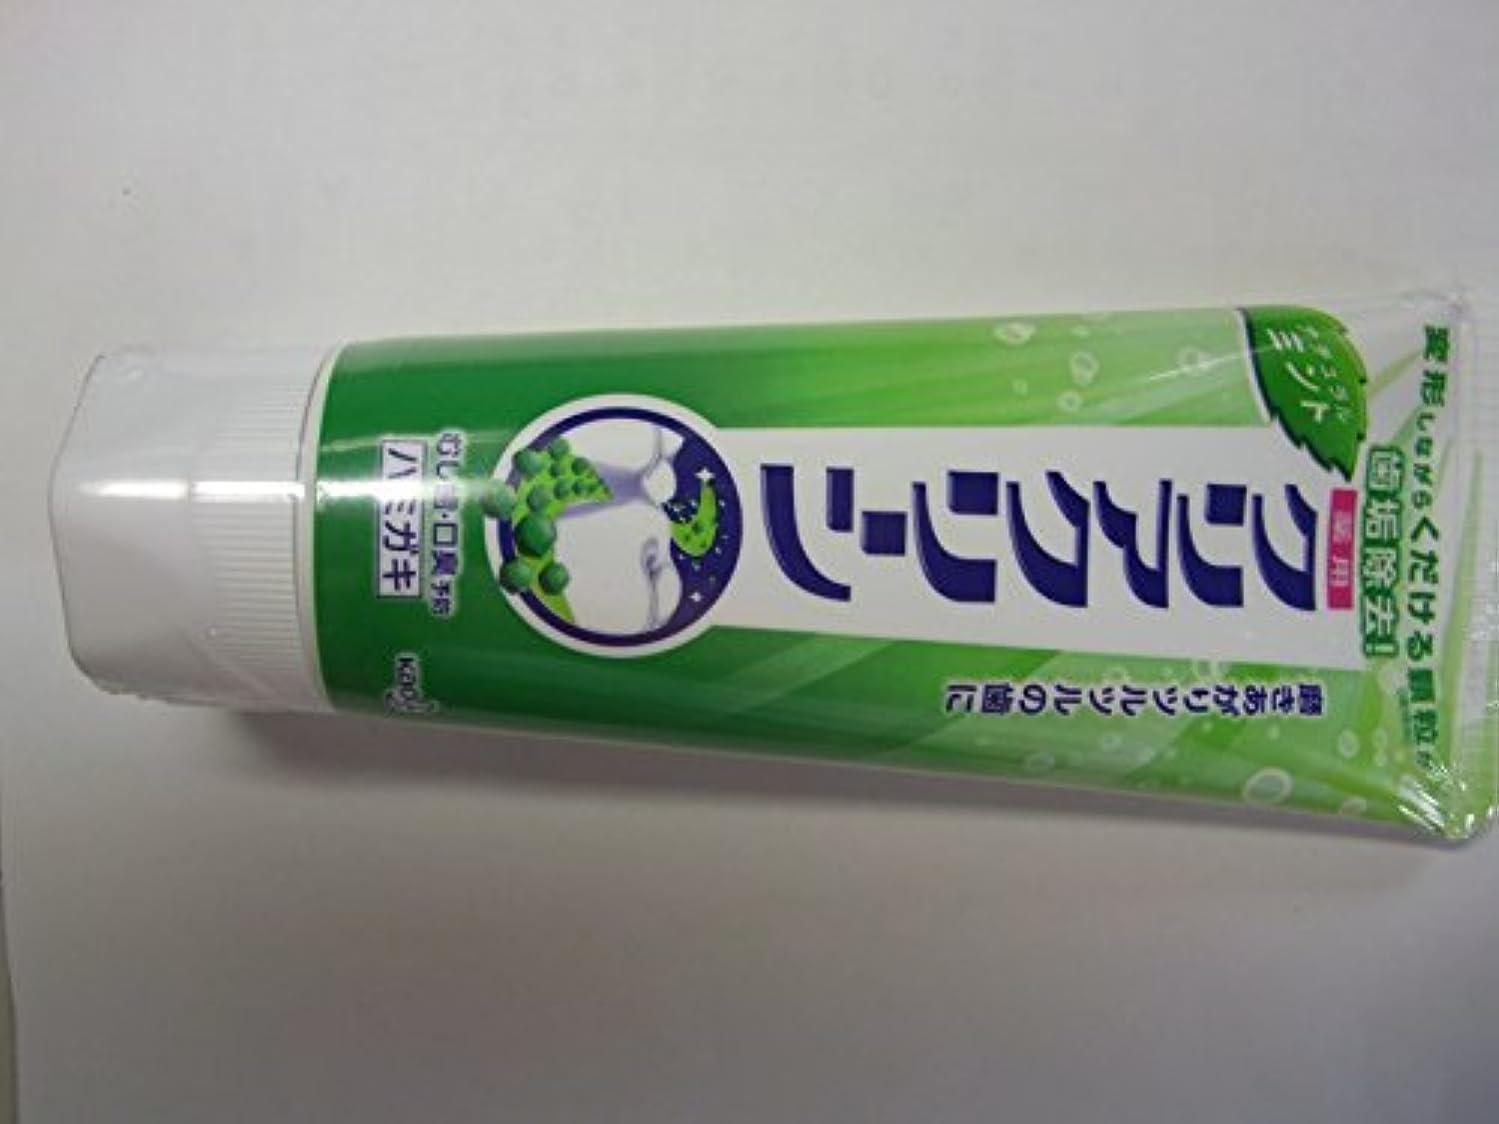 テナントマラウイプライム花王 クリアクリーンナチュラルミント 130g (医薬部外品)